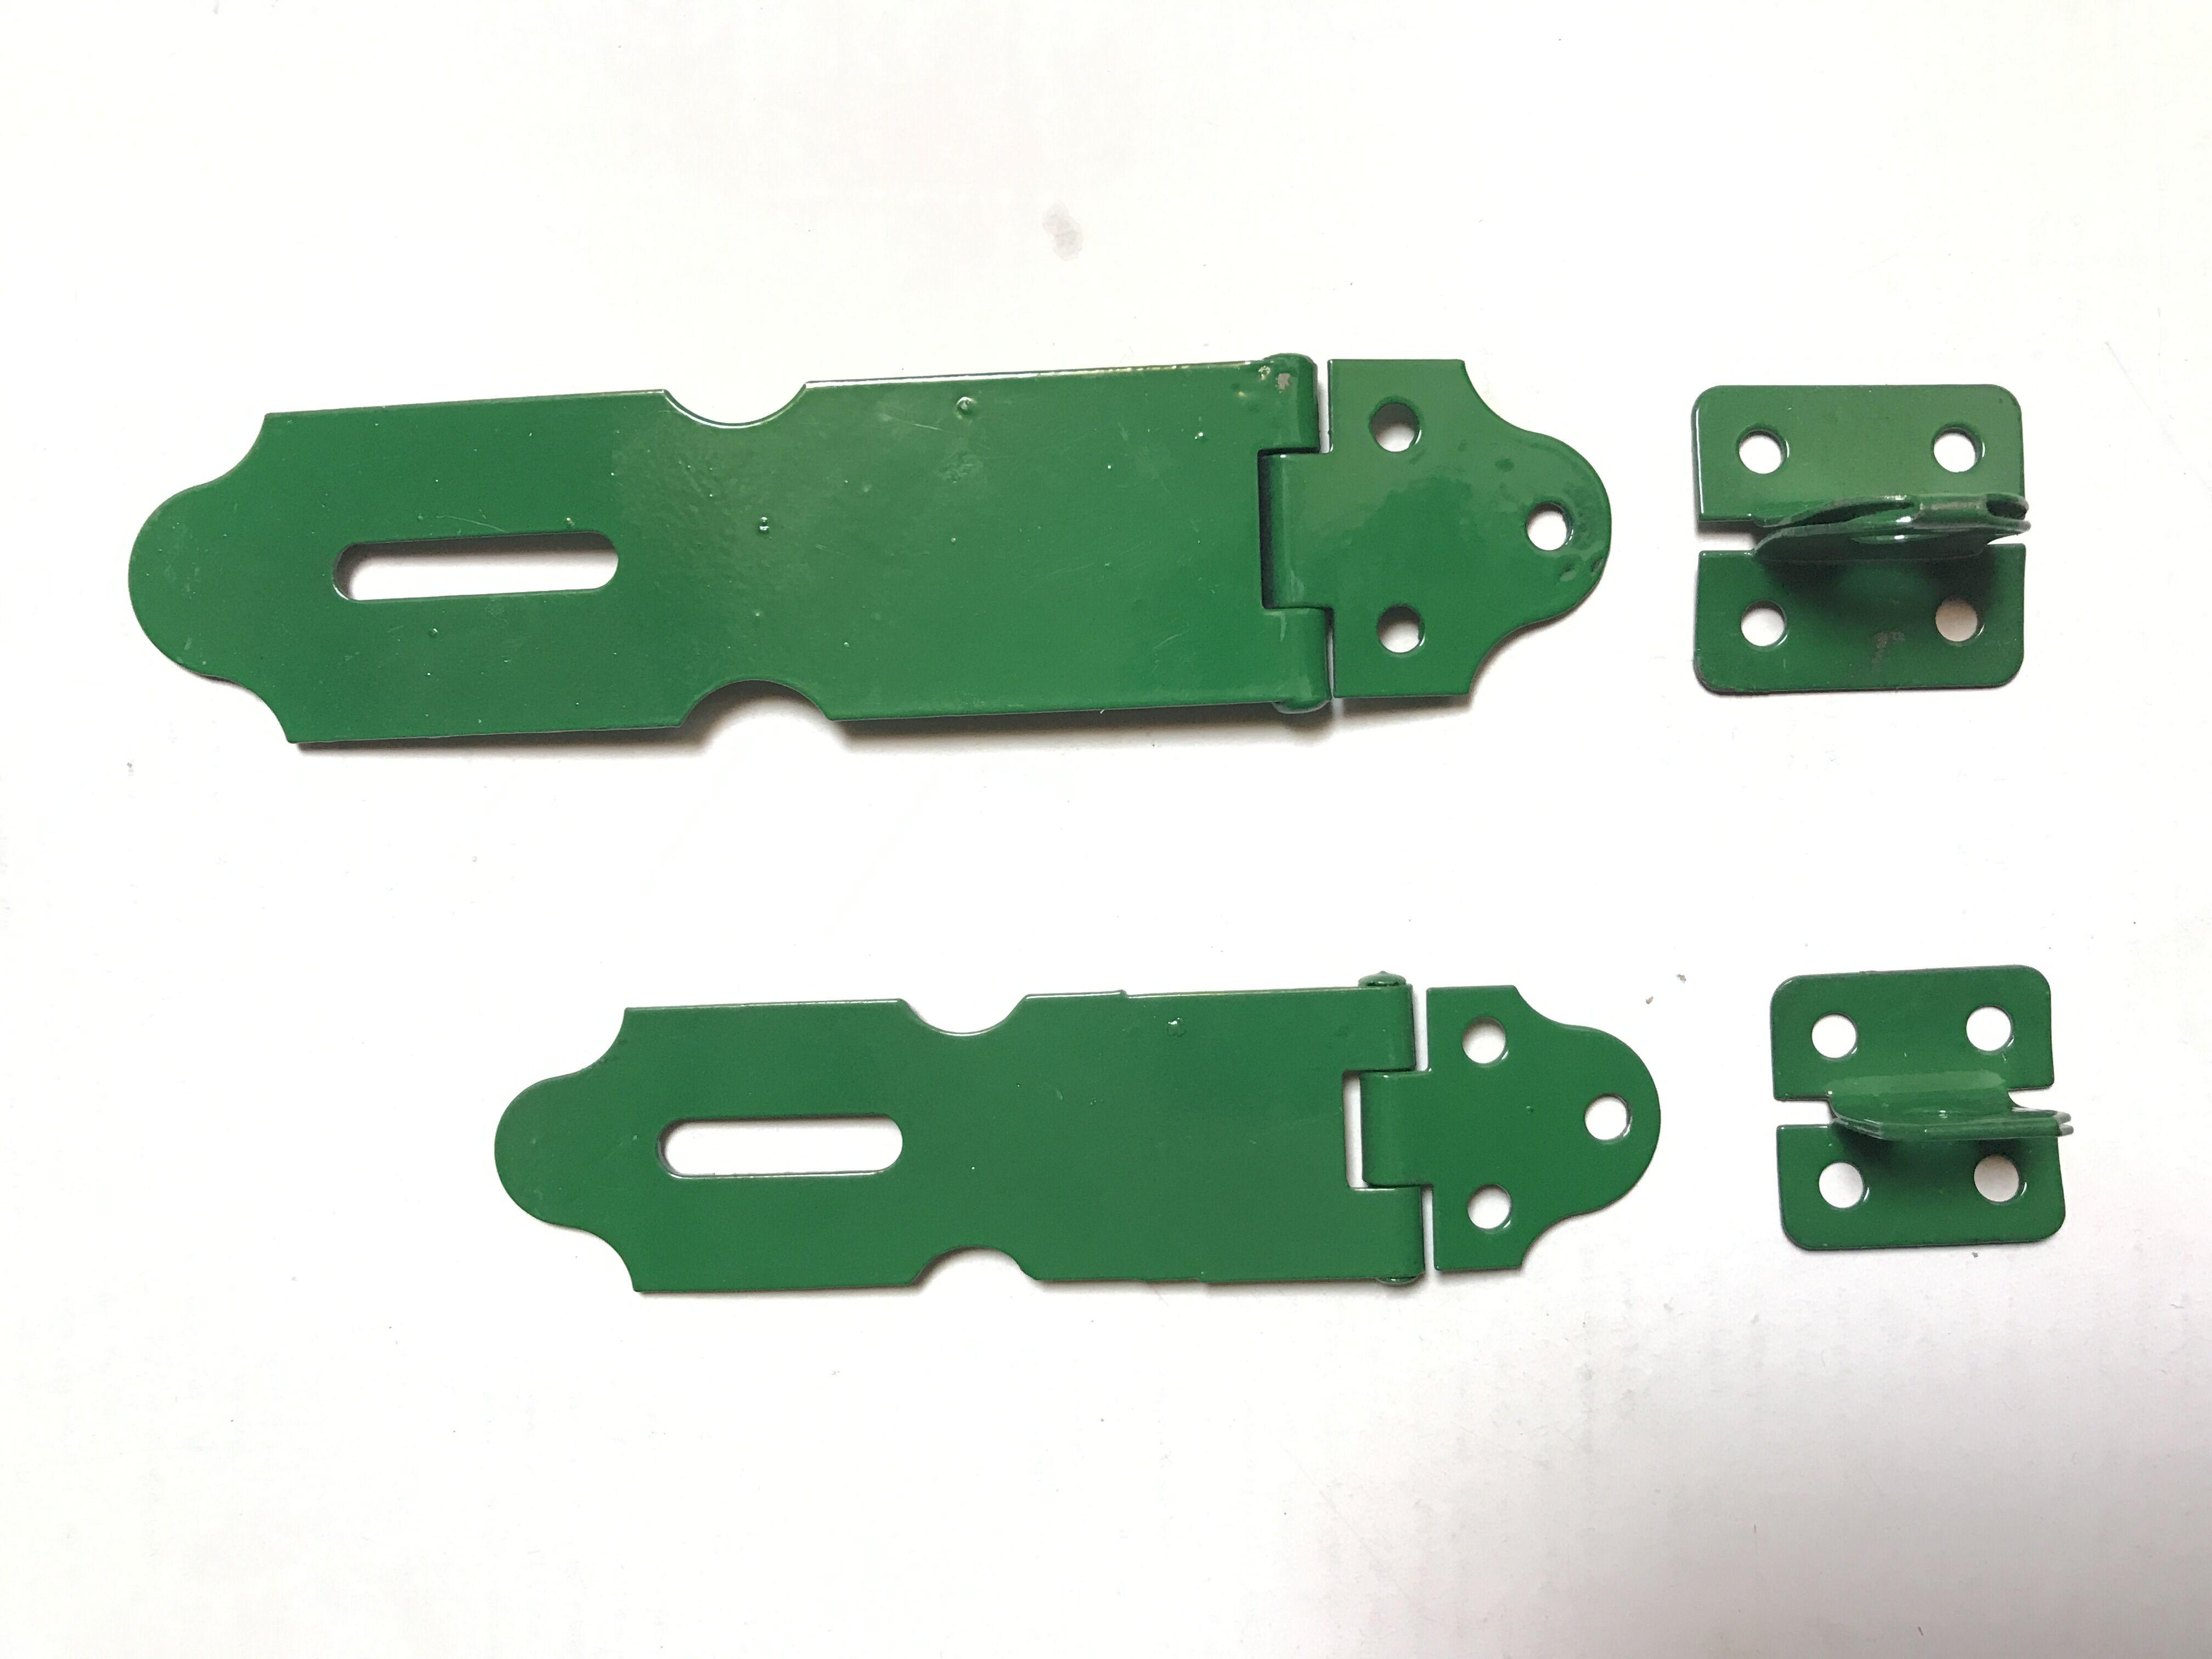 Железо застежка коробка гардероб мебель сбор винограда замок распределение модель противоугонные замки пряжка ворота нос